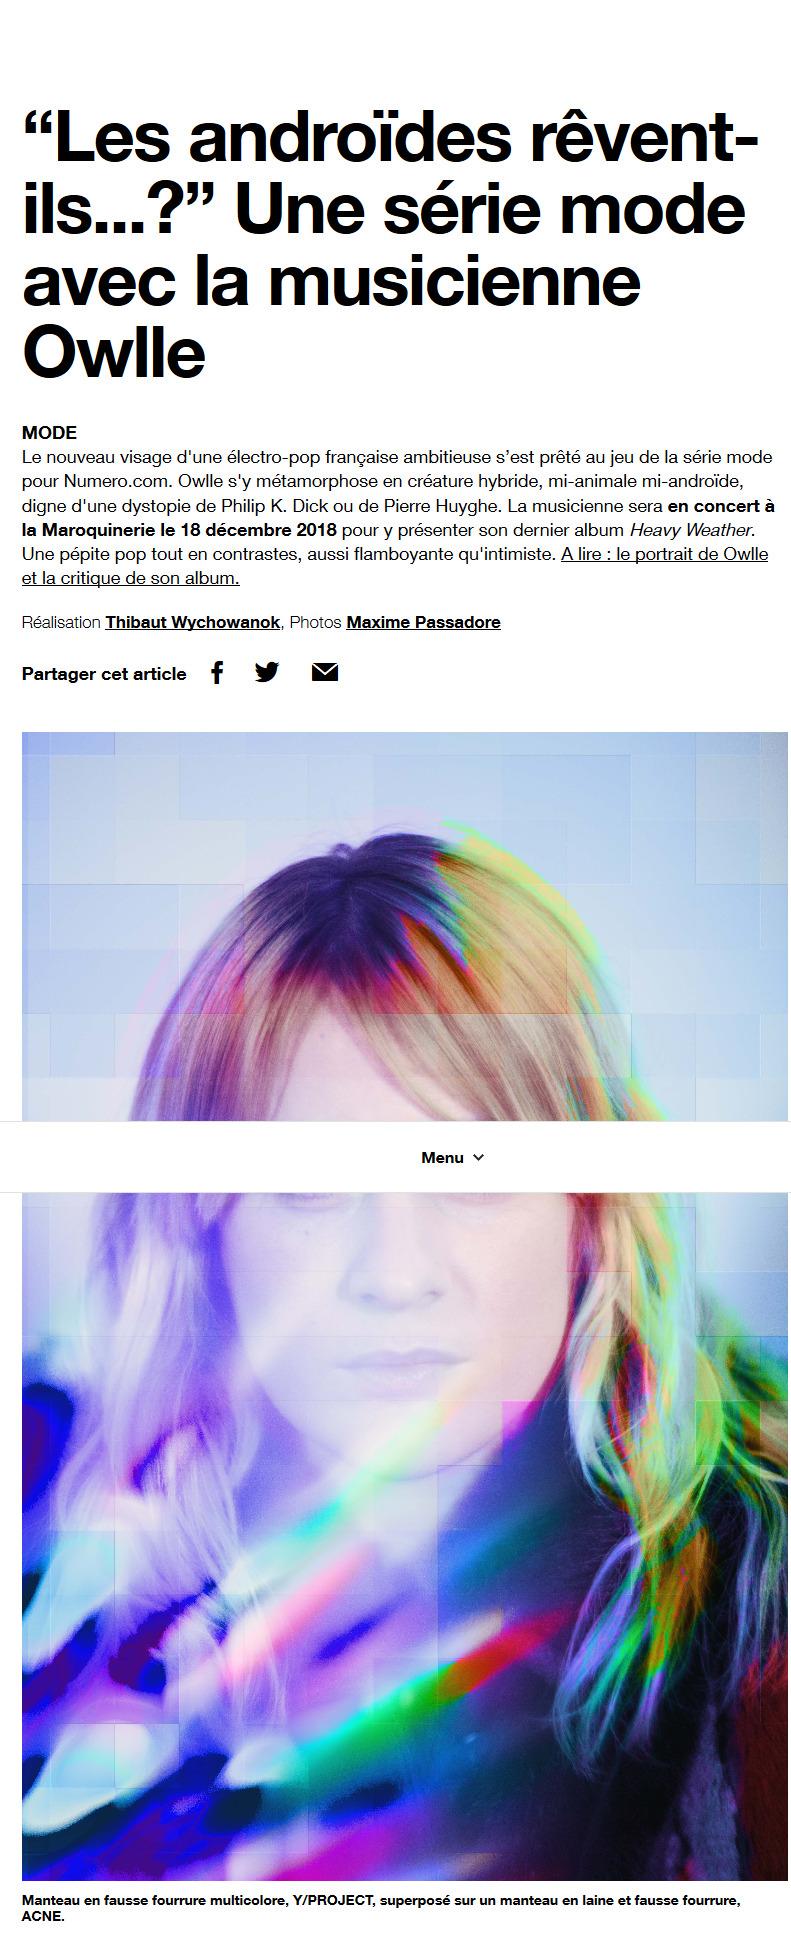 """Screenshot_2019-01-22 """"Les androïdes rêvent-ils """" Une série mode avec la musicienne Owlle.jpg"""